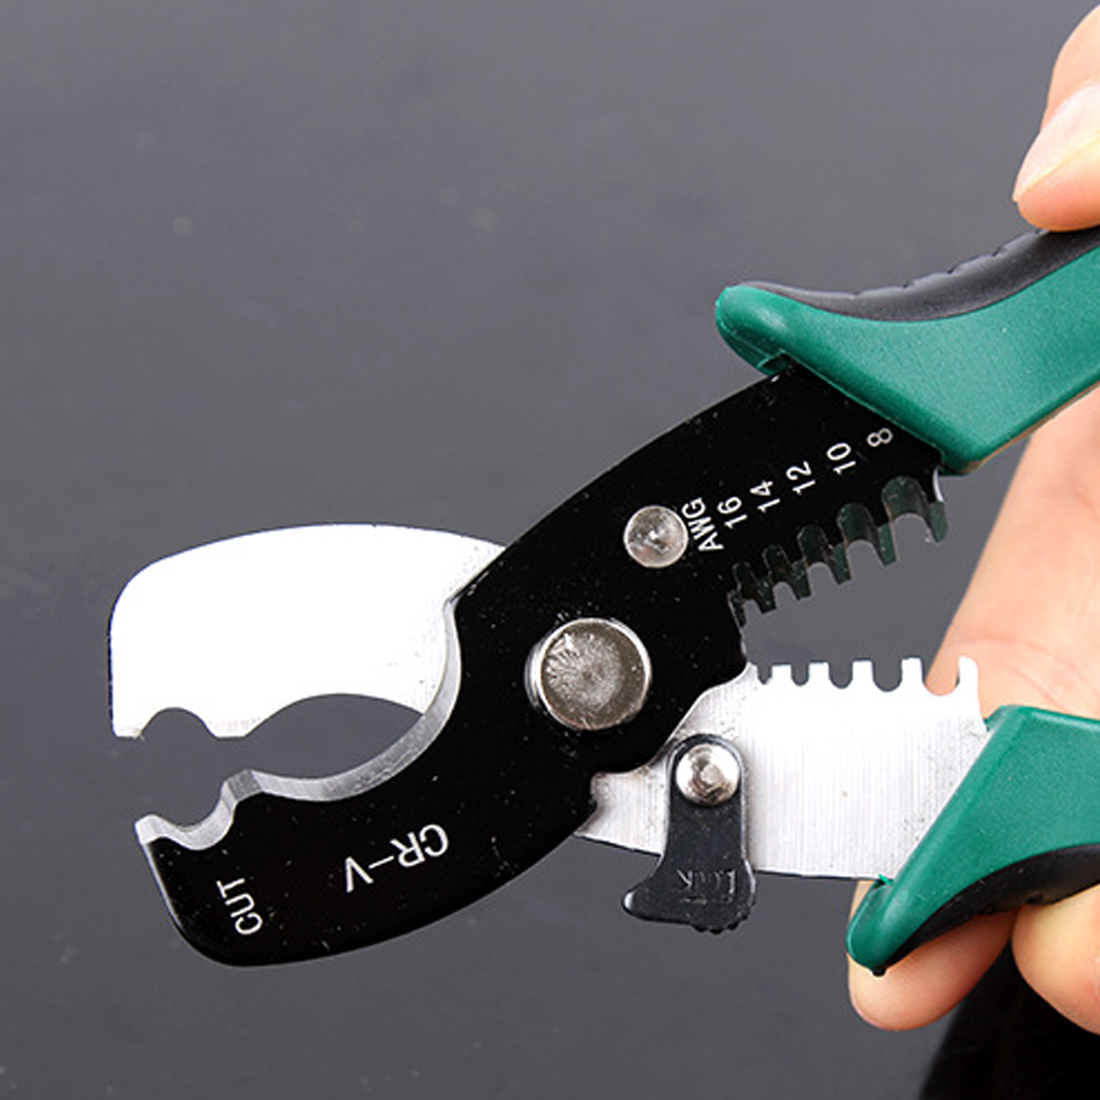 Hand Werkzeuge 8 draht Stripper Kabel Schneiden Scissor Abisolieren Zangen Cutter 1,6-4,0mm Multi Werkzeug High Zangen Carbon Stahl